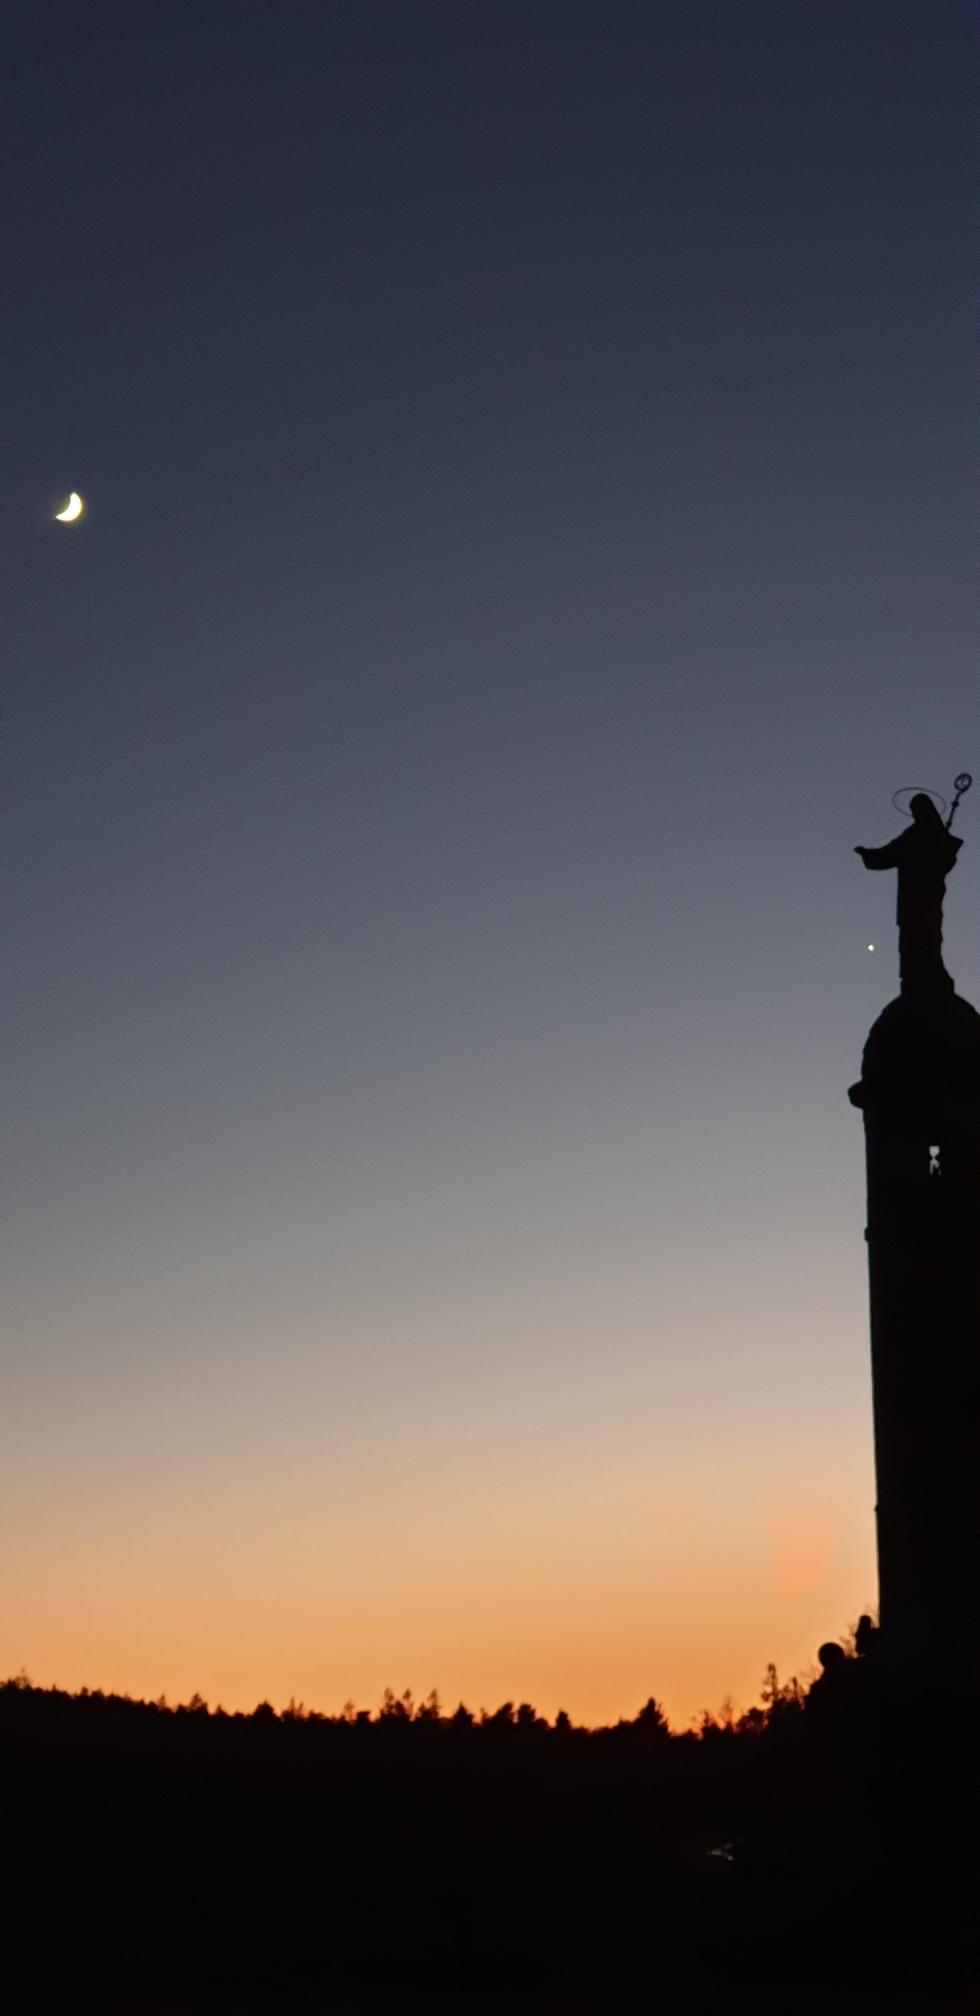 St.Odile au clair de lune